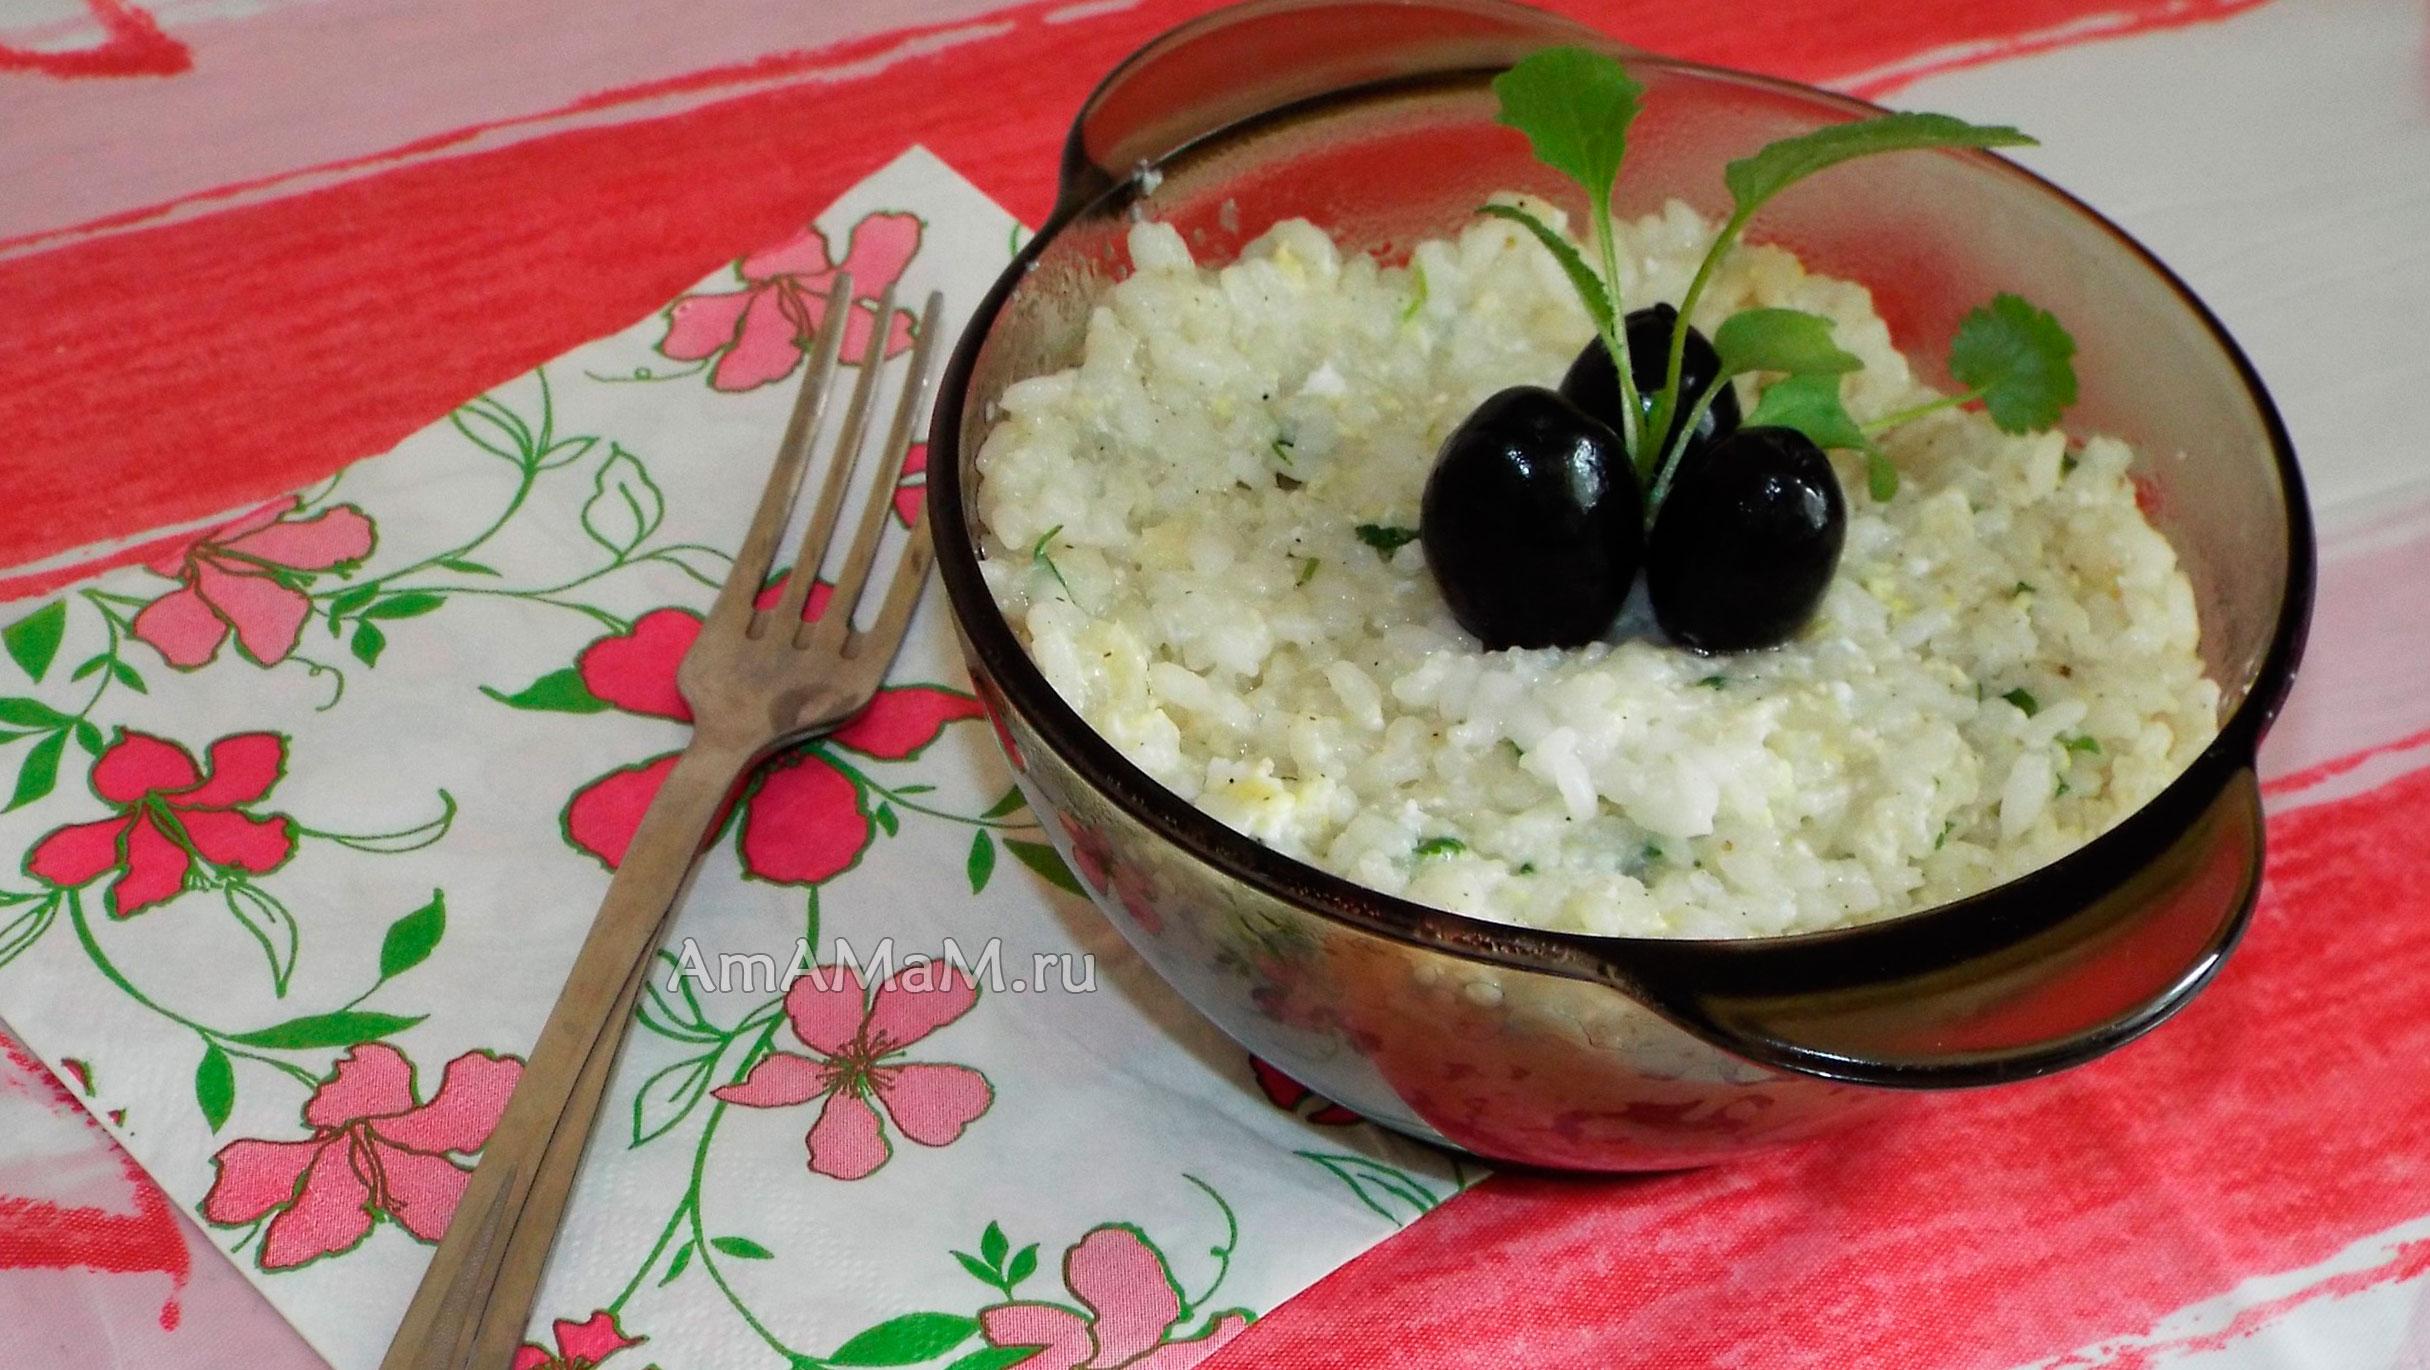 Простые рецепты блюд из риса